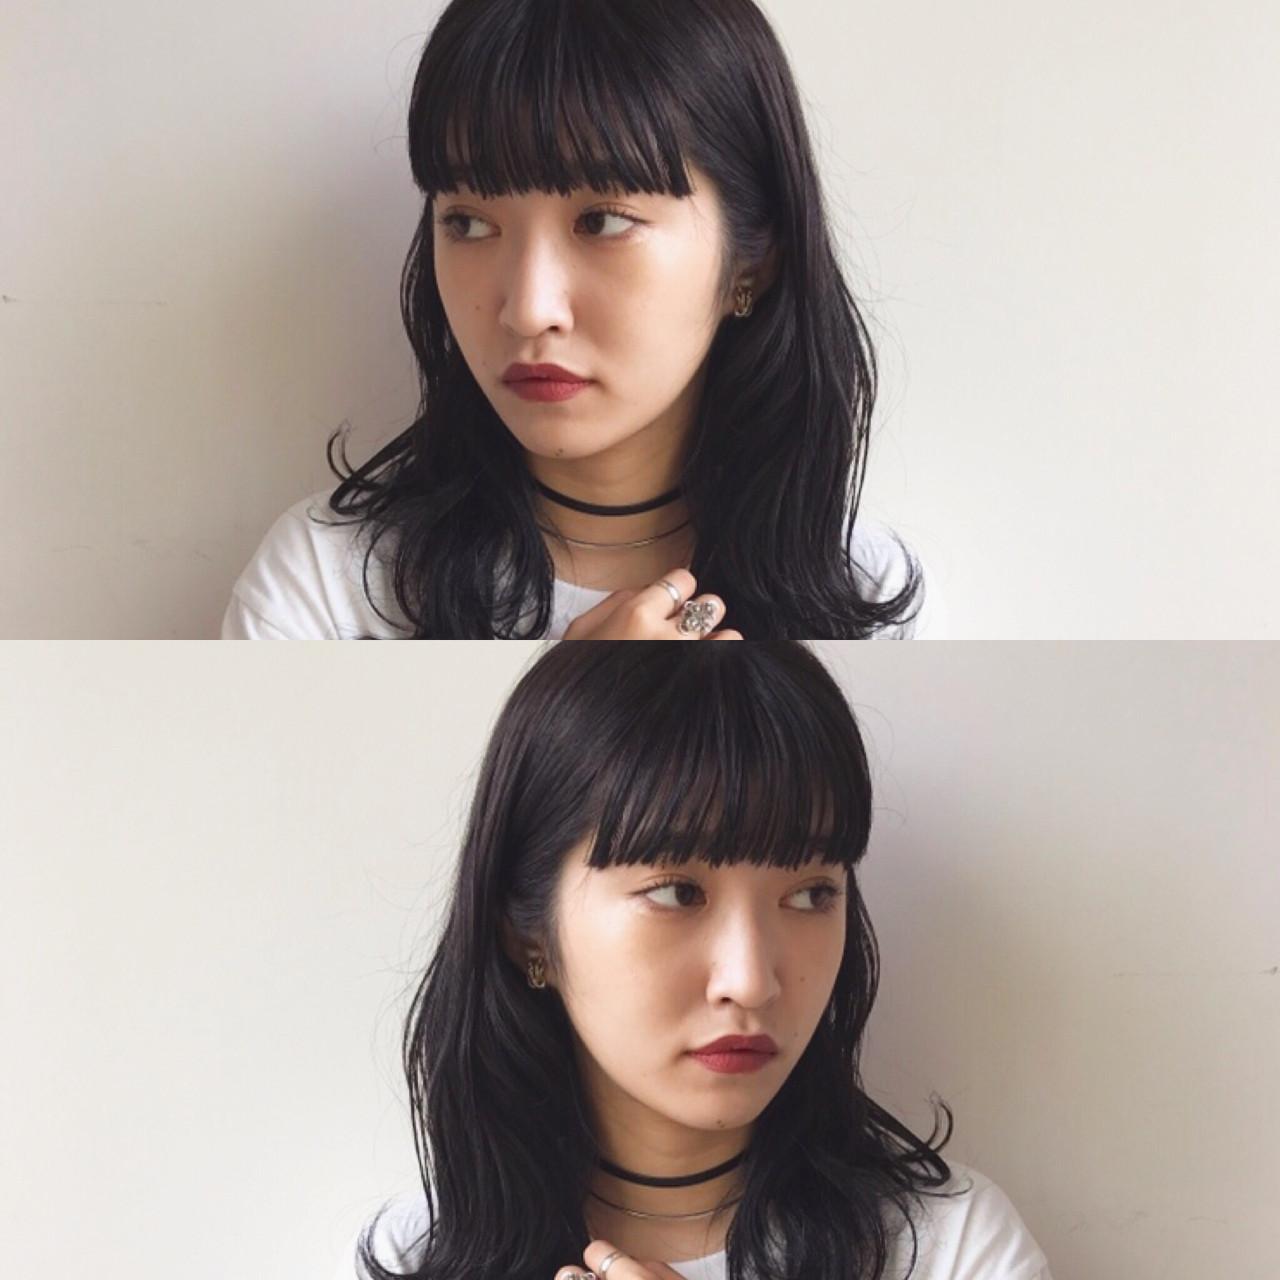 黒髪 ミディアム デート 簡単ヘアアレンジ ヘアスタイルや髪型の写真・画像